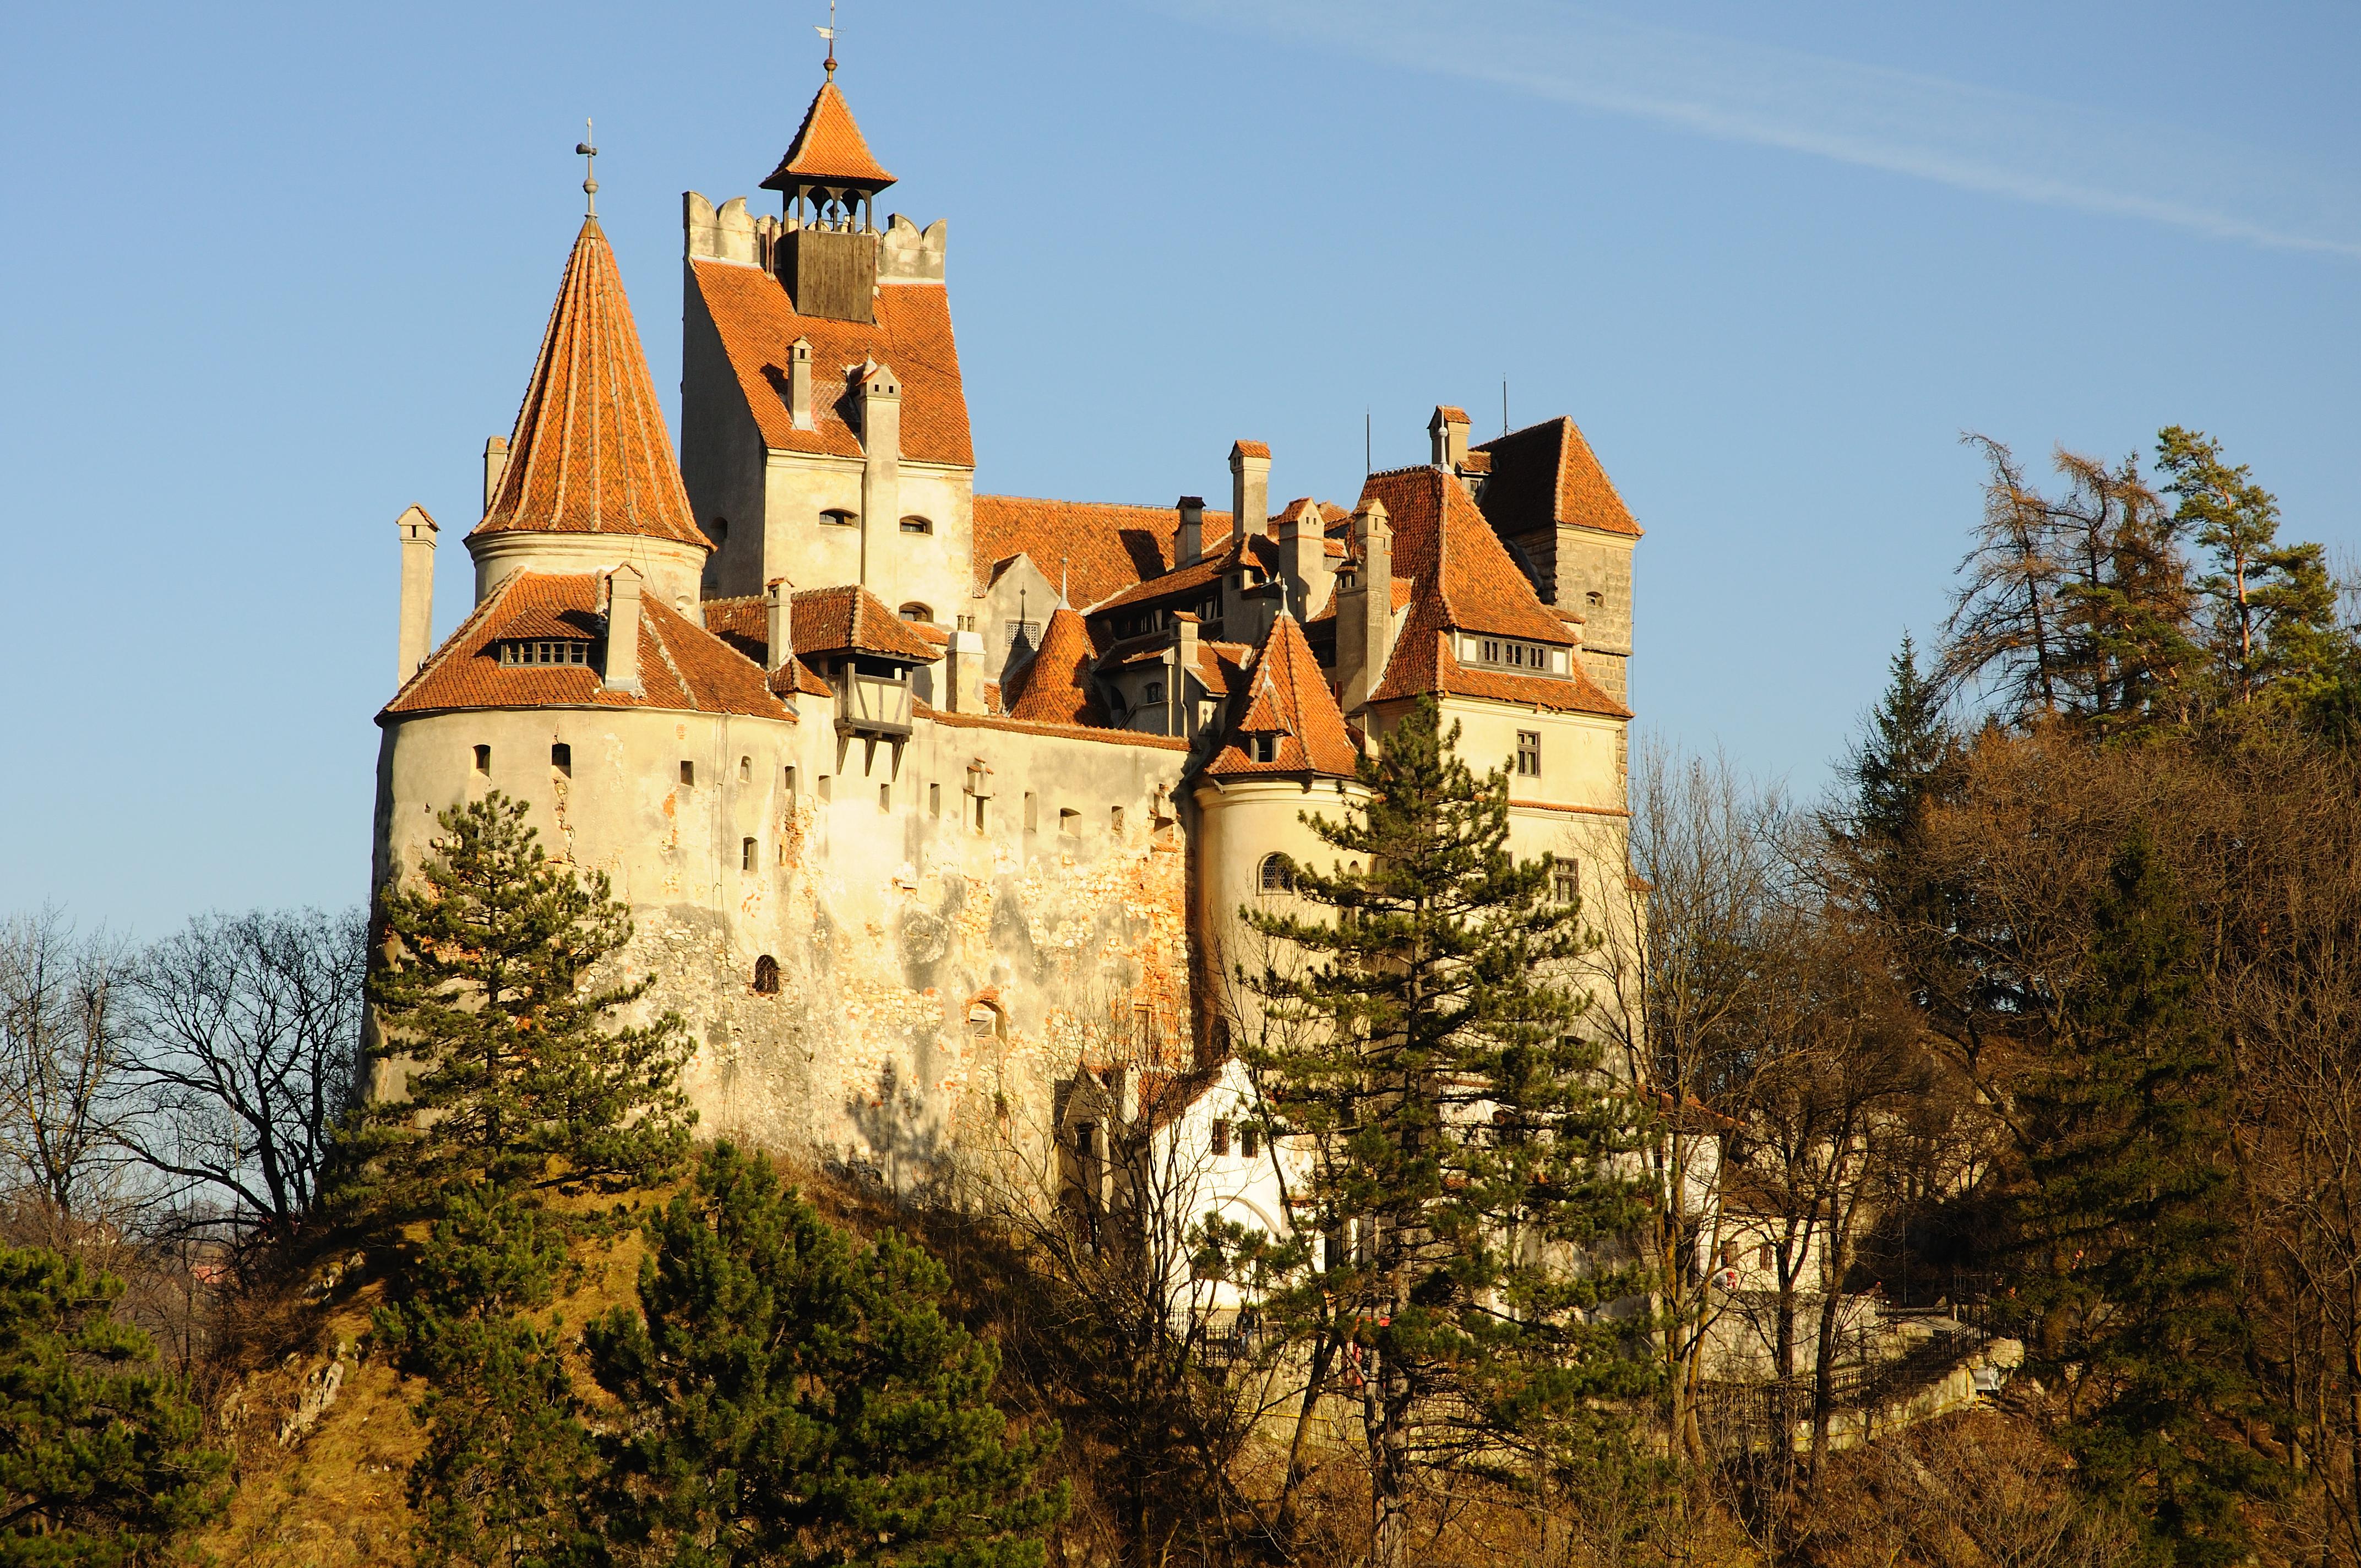 El castillo de Drácula en el que nunca habitó - Rumanía Circuito Rumanía, Bulgaria y Mar Negro